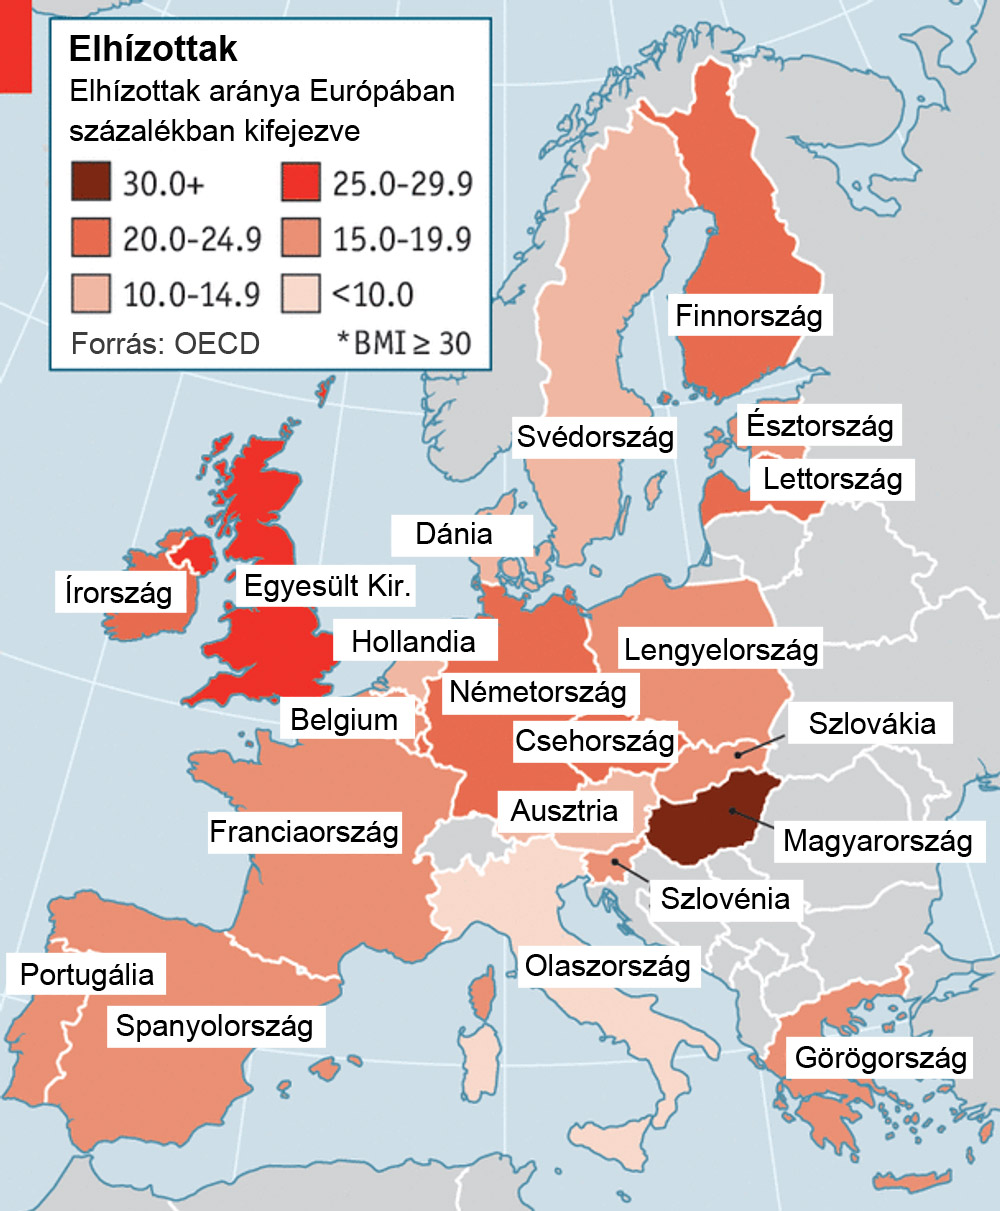 Elhízás Magyarországon - mi a véleményetek az Európai Unió országaiban végzett kutatás eredményéről?